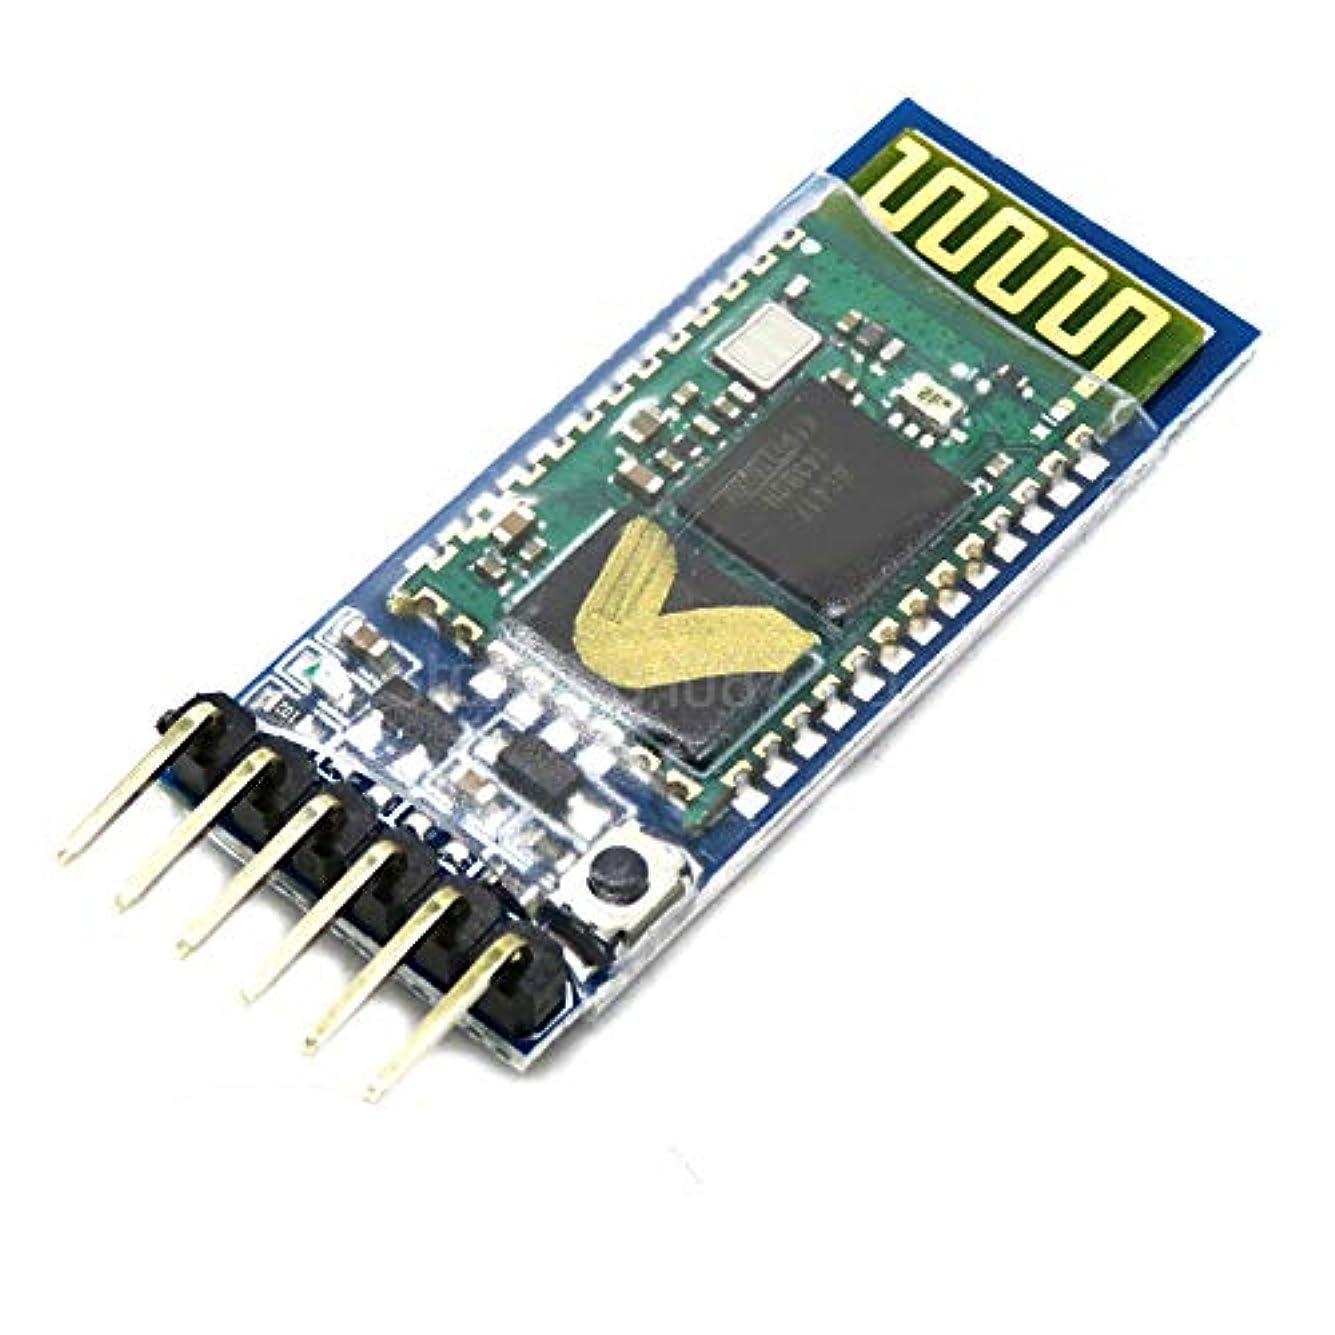 力強いピグマリオンアラート1 個 HC05 HC-05 マスタースレーブ 6pin JY-MCU アンチリバース、統合された Bluetooth シリアルパススルーモジュール、ワイヤレスシリアル